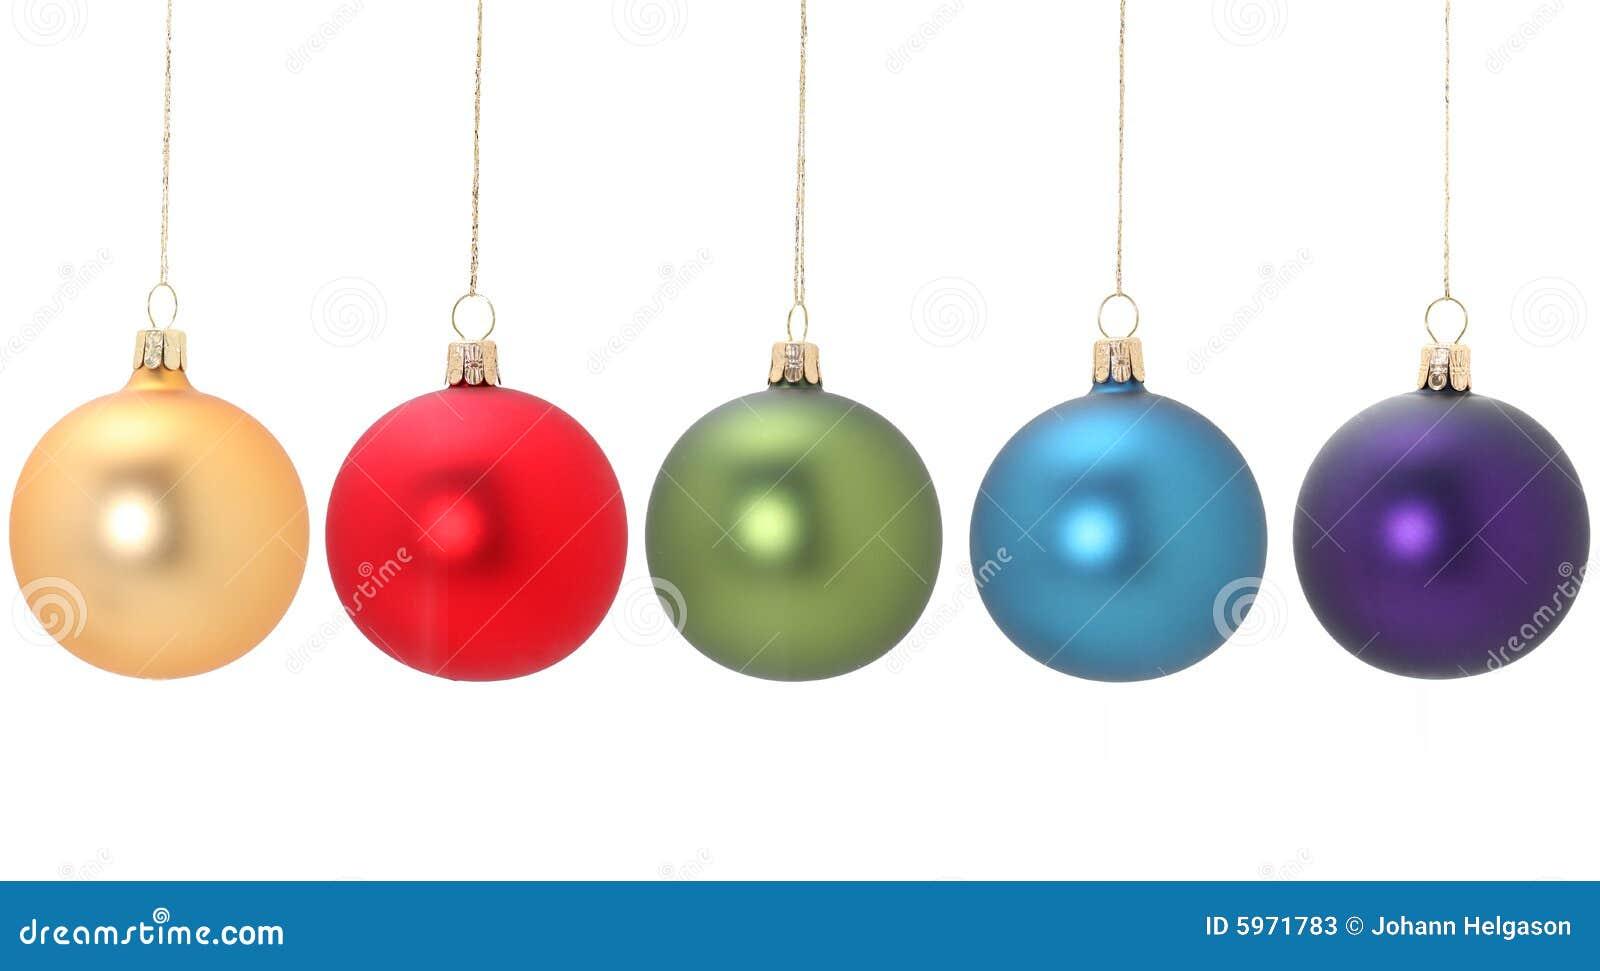 Cinco bolas de la navidad fotos de archivo imagen 5971783 - Fotos de bolas de navidad ...